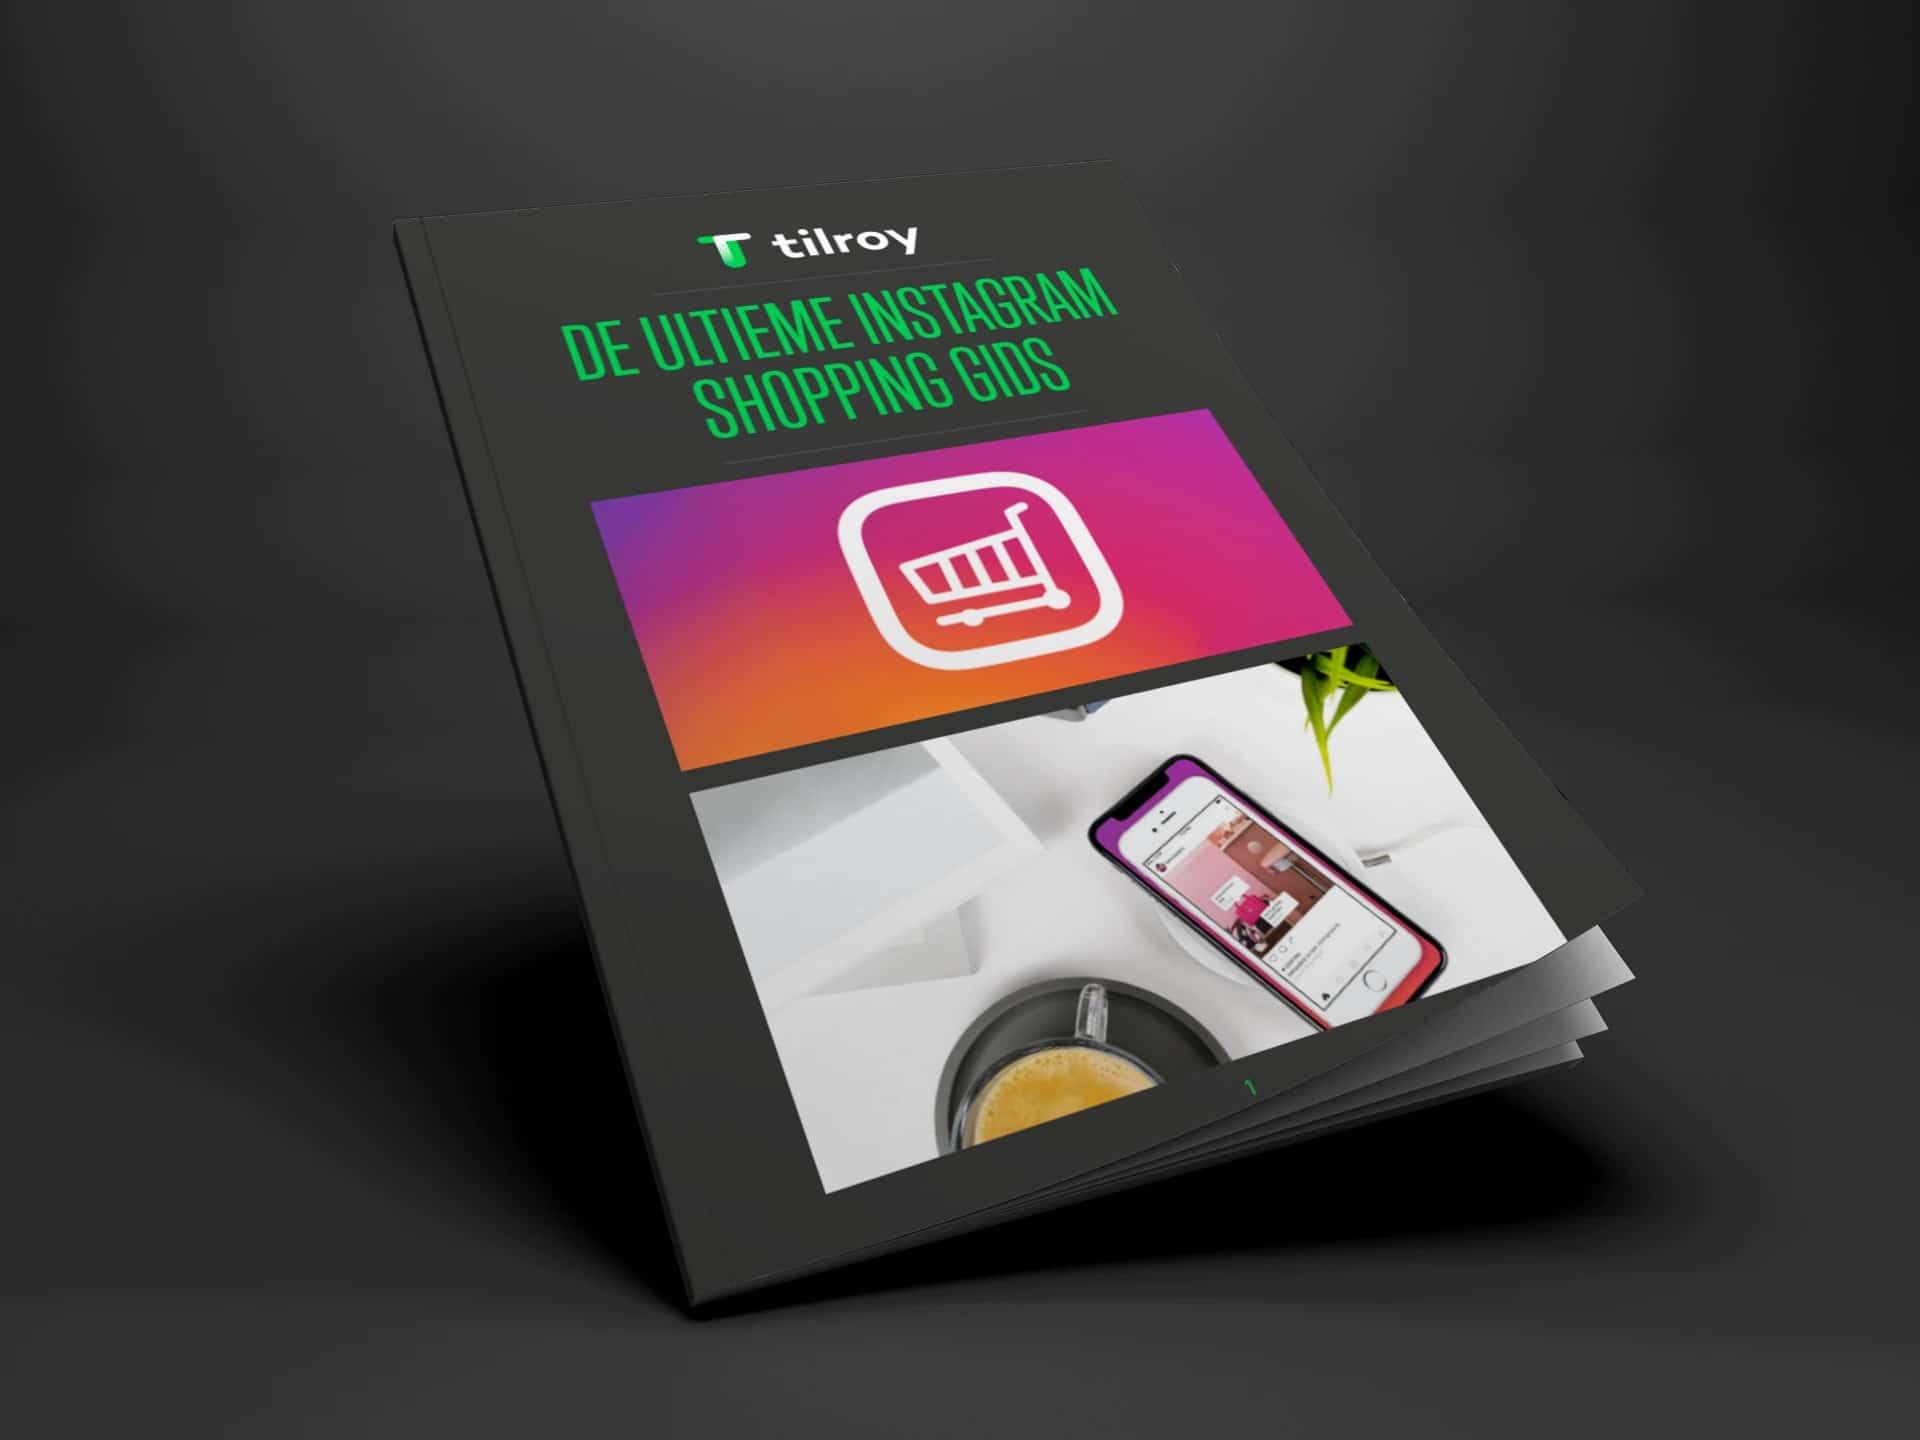 instagram shopping gids cover